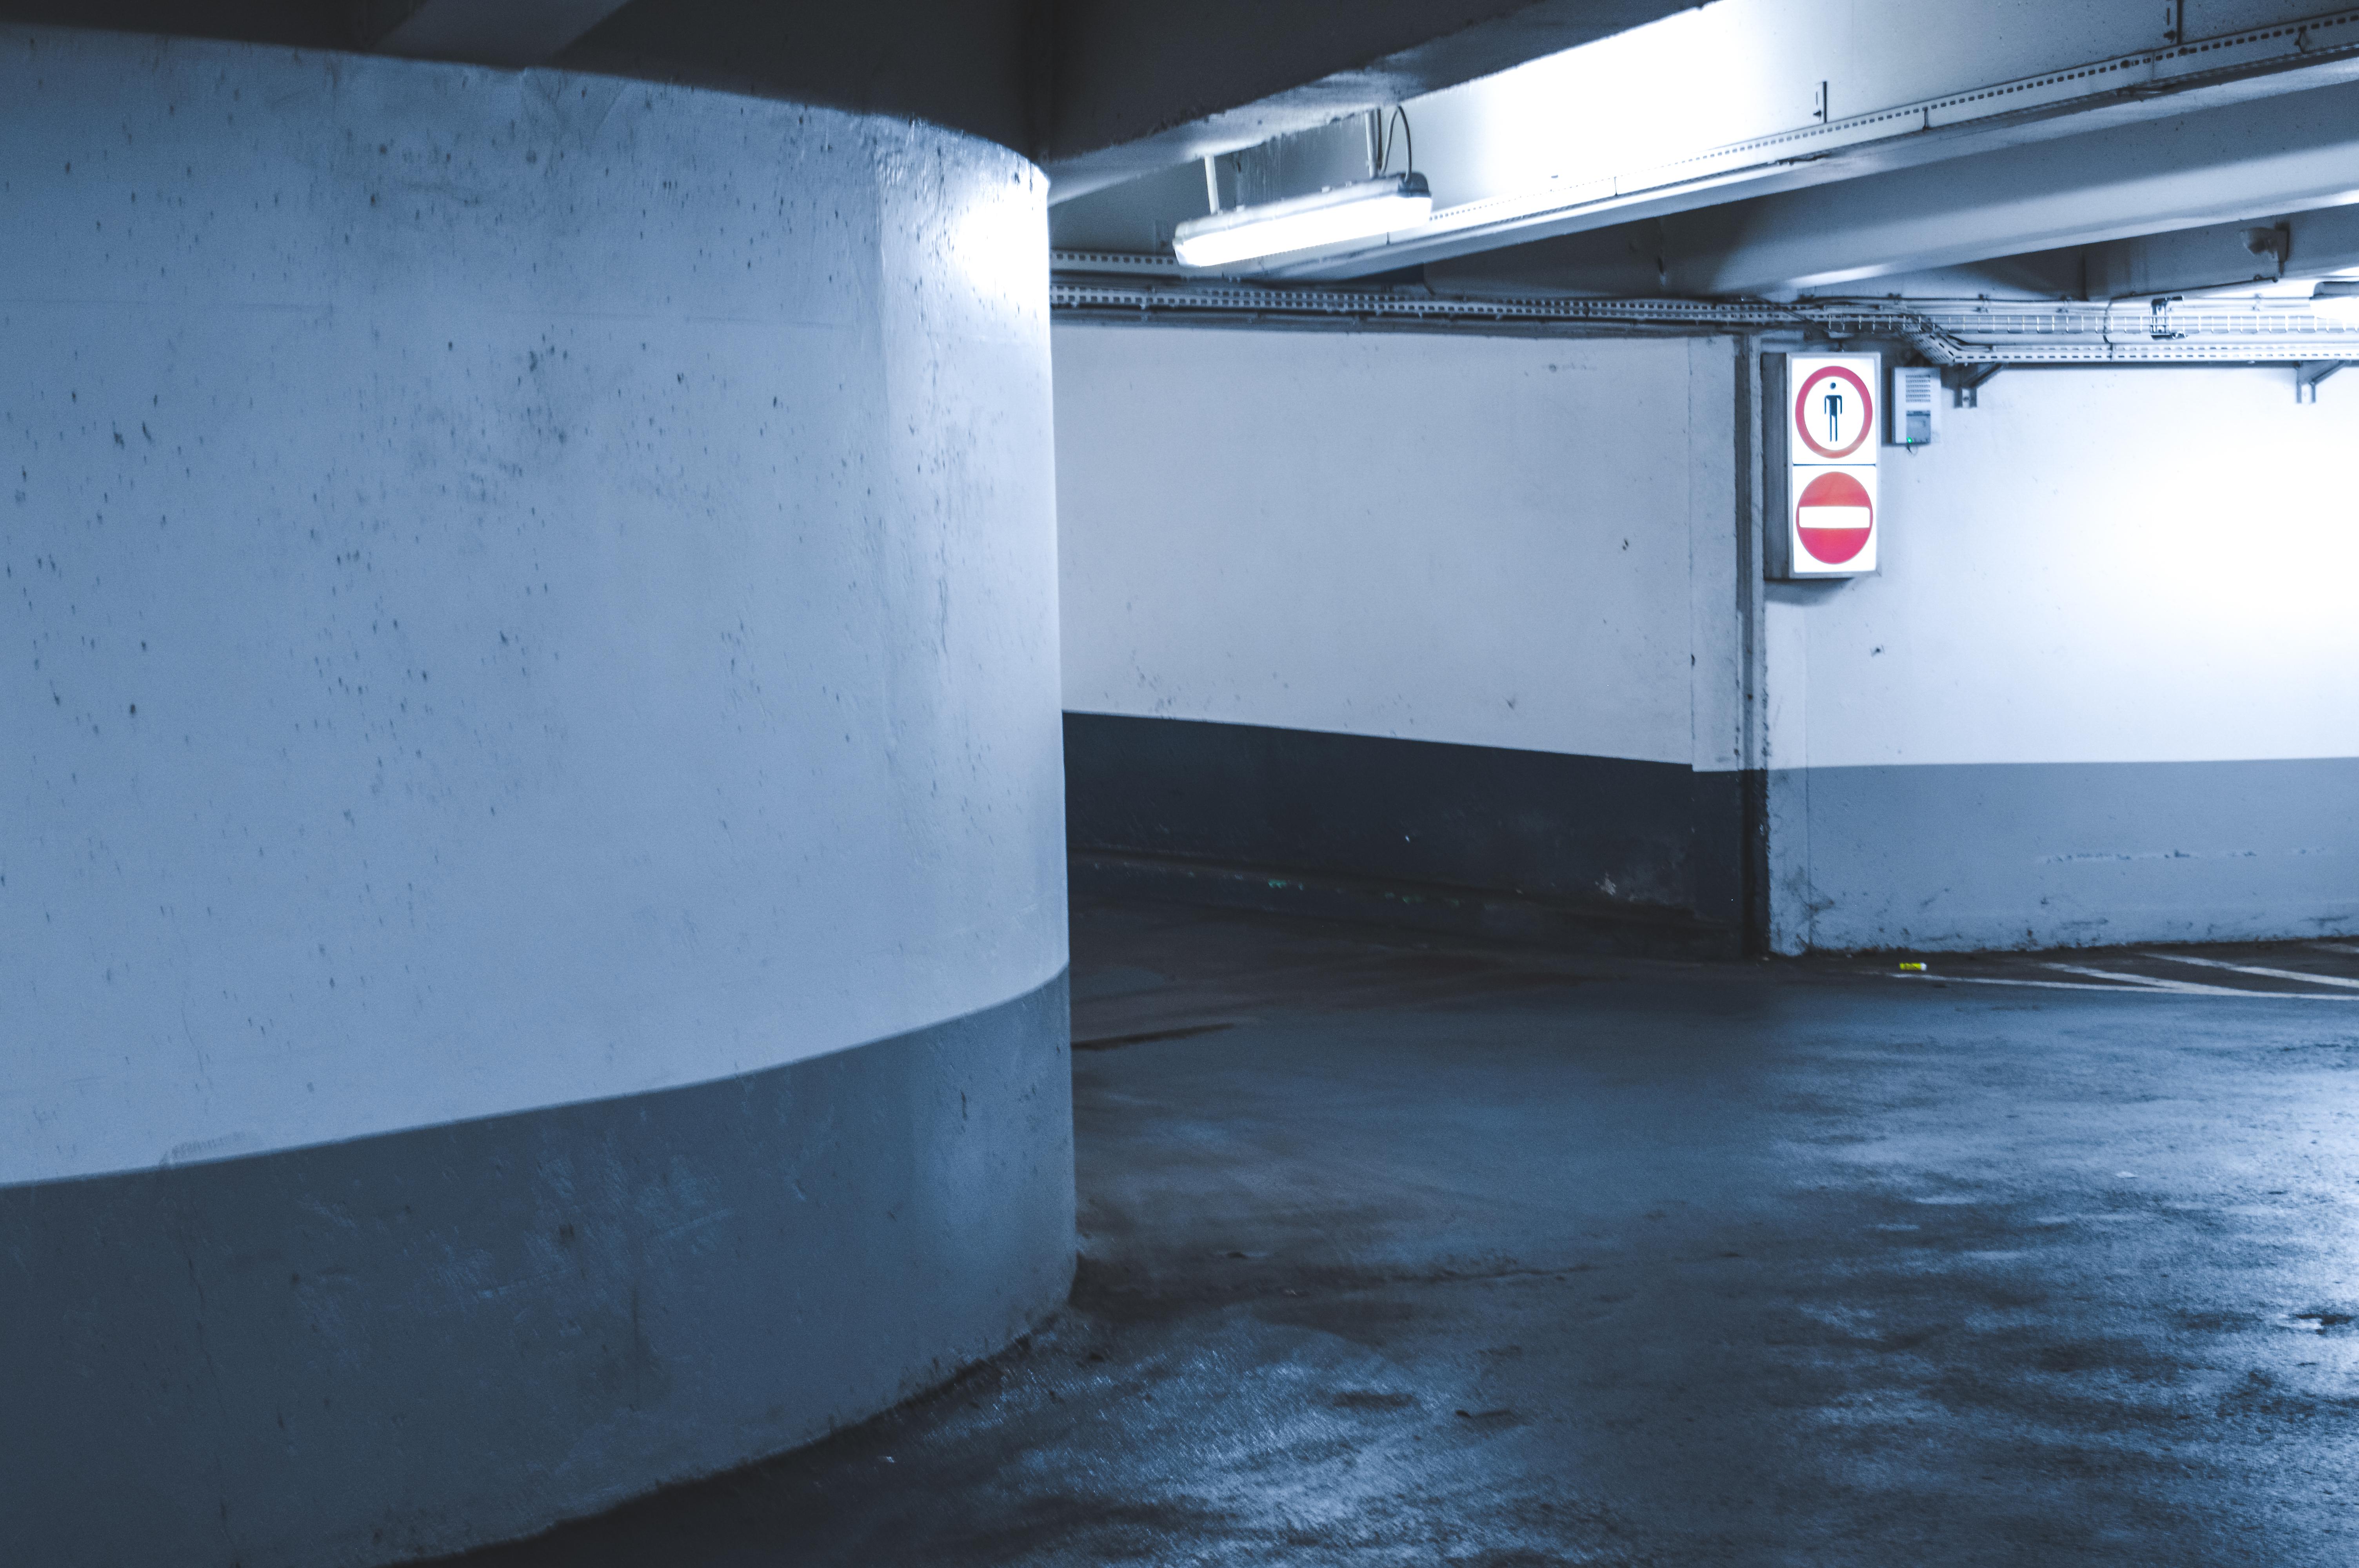 File Parking Effia Lille Opera Lille France Unsplash Jpg